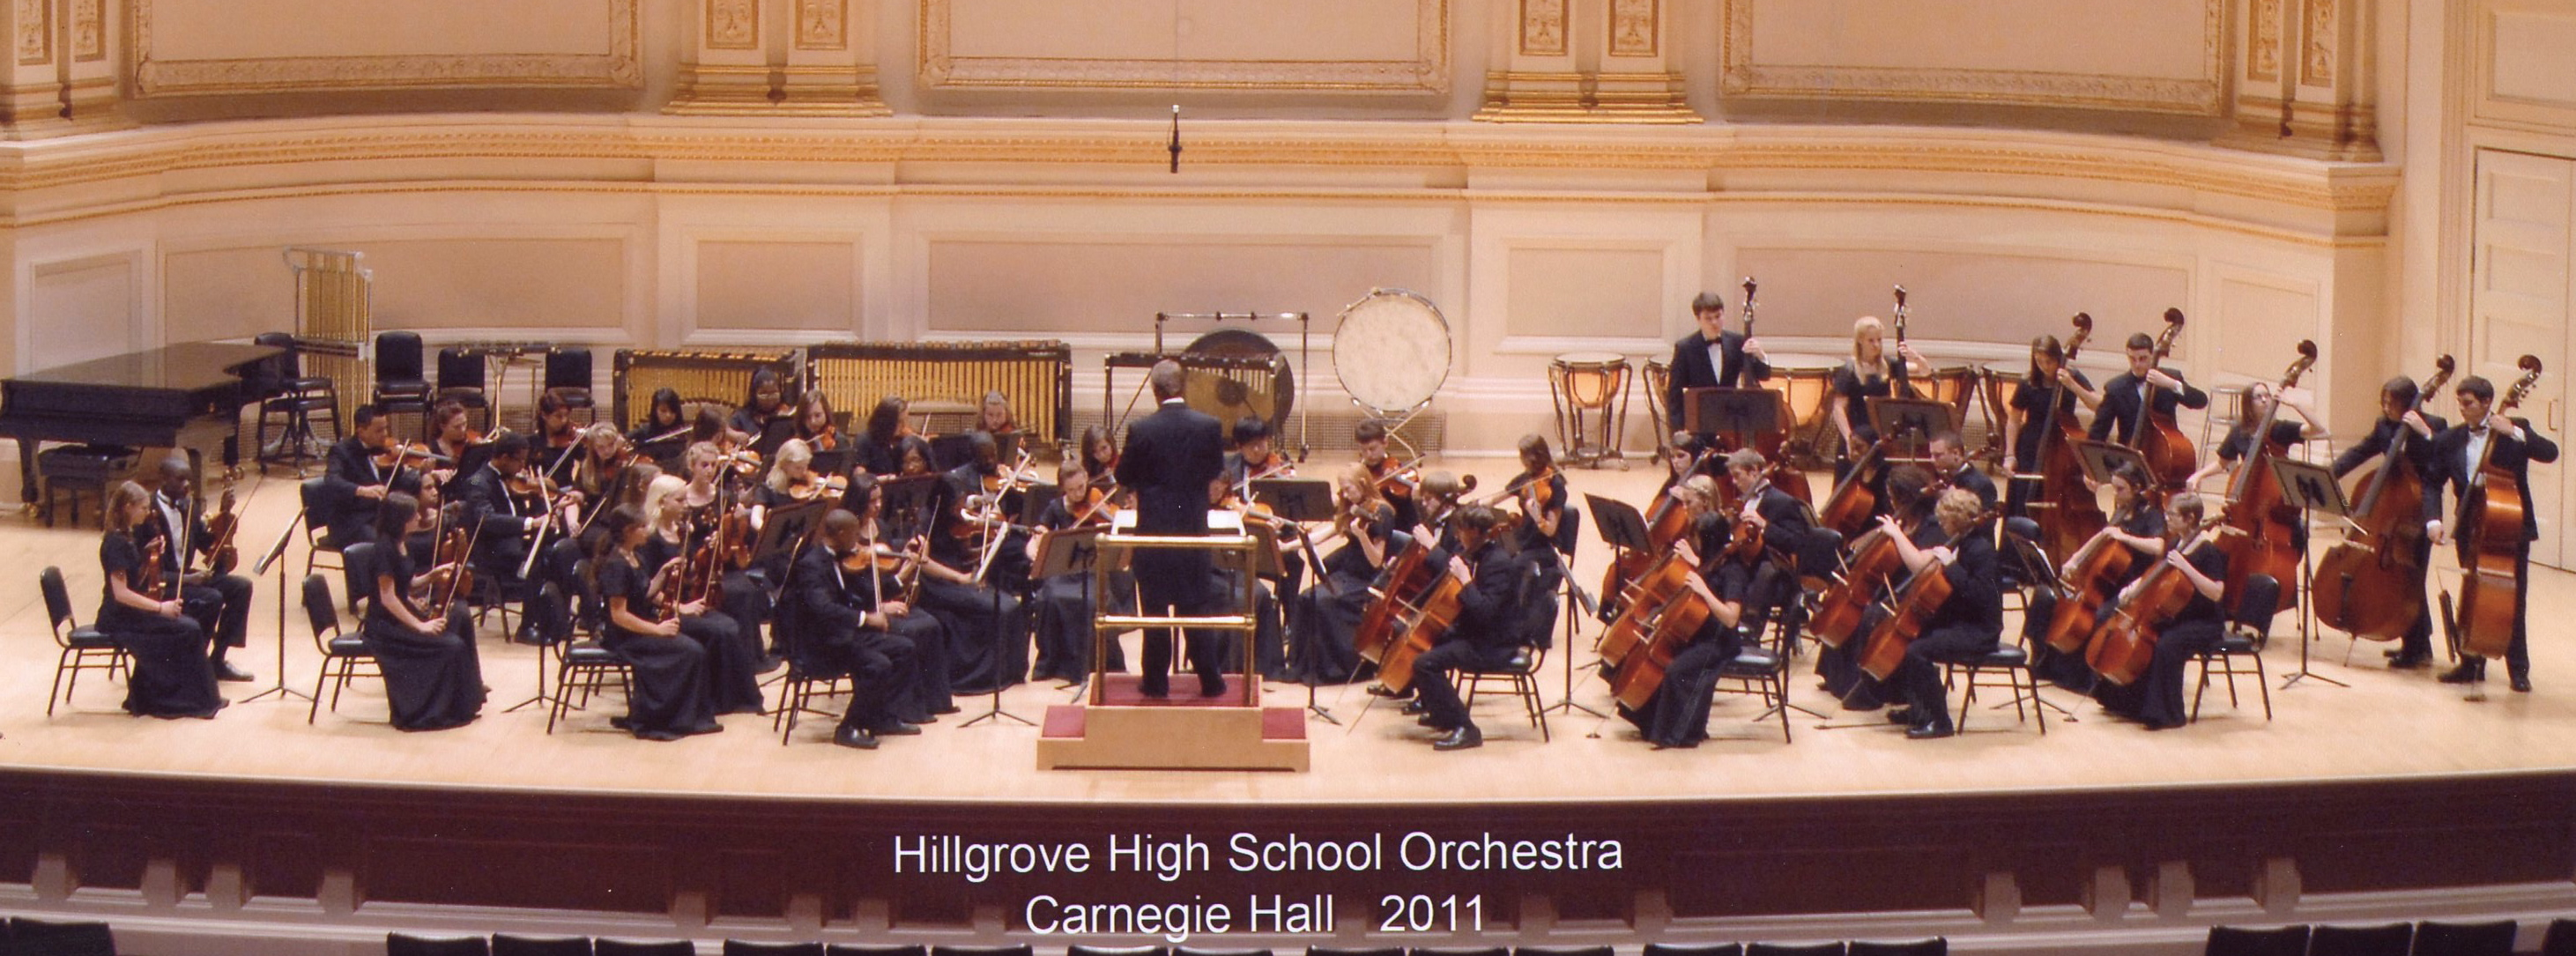 Carnegie Hall 2011